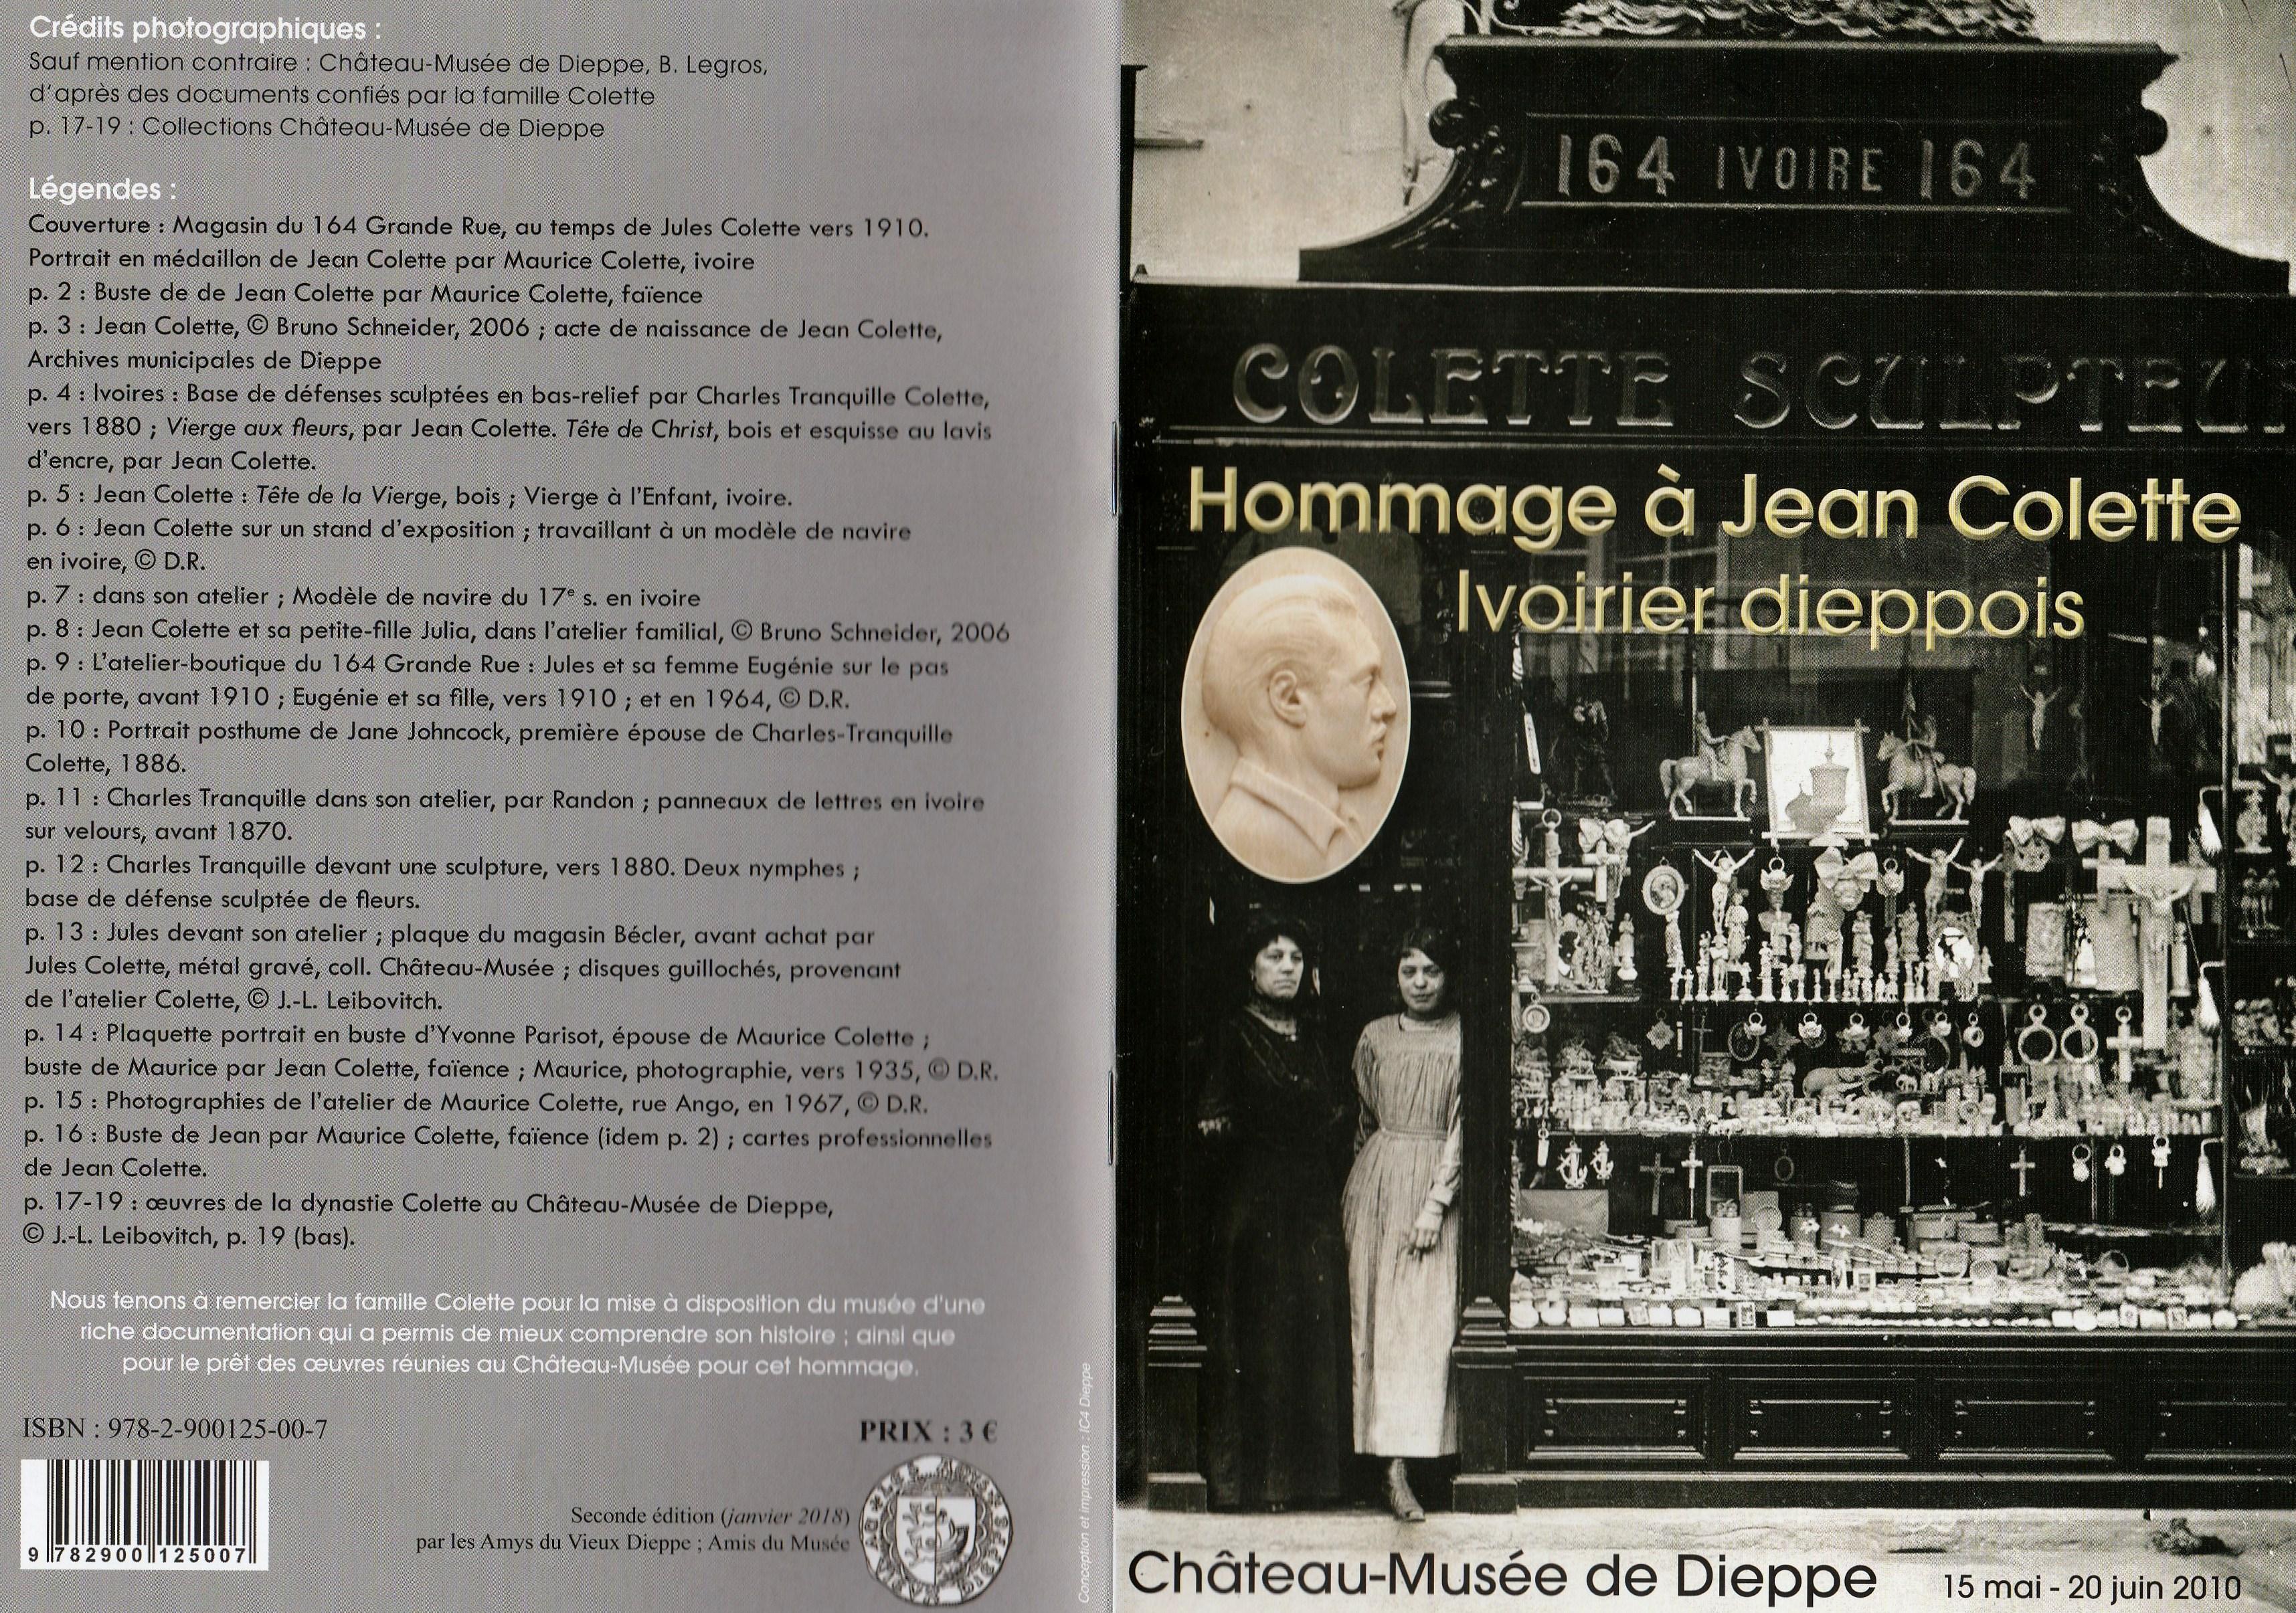 Hommage à Jean Colette, ivoirier dieppois